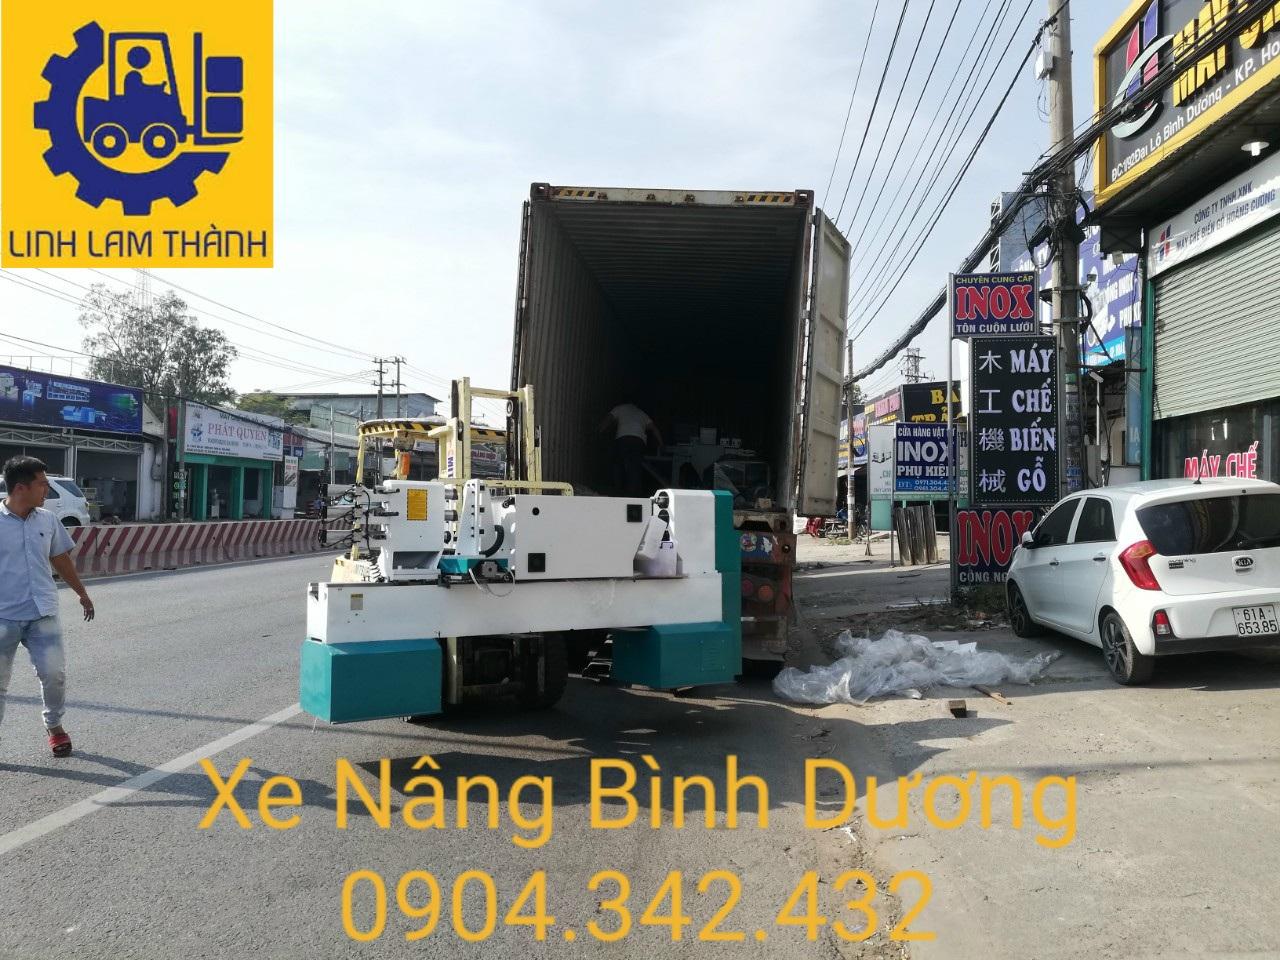 Dịch Vụ Cho Thuê Xe Nâng Giá Rẻ Tại Bình Dương , Tp.Hồ Chí Minh , Quận 12.